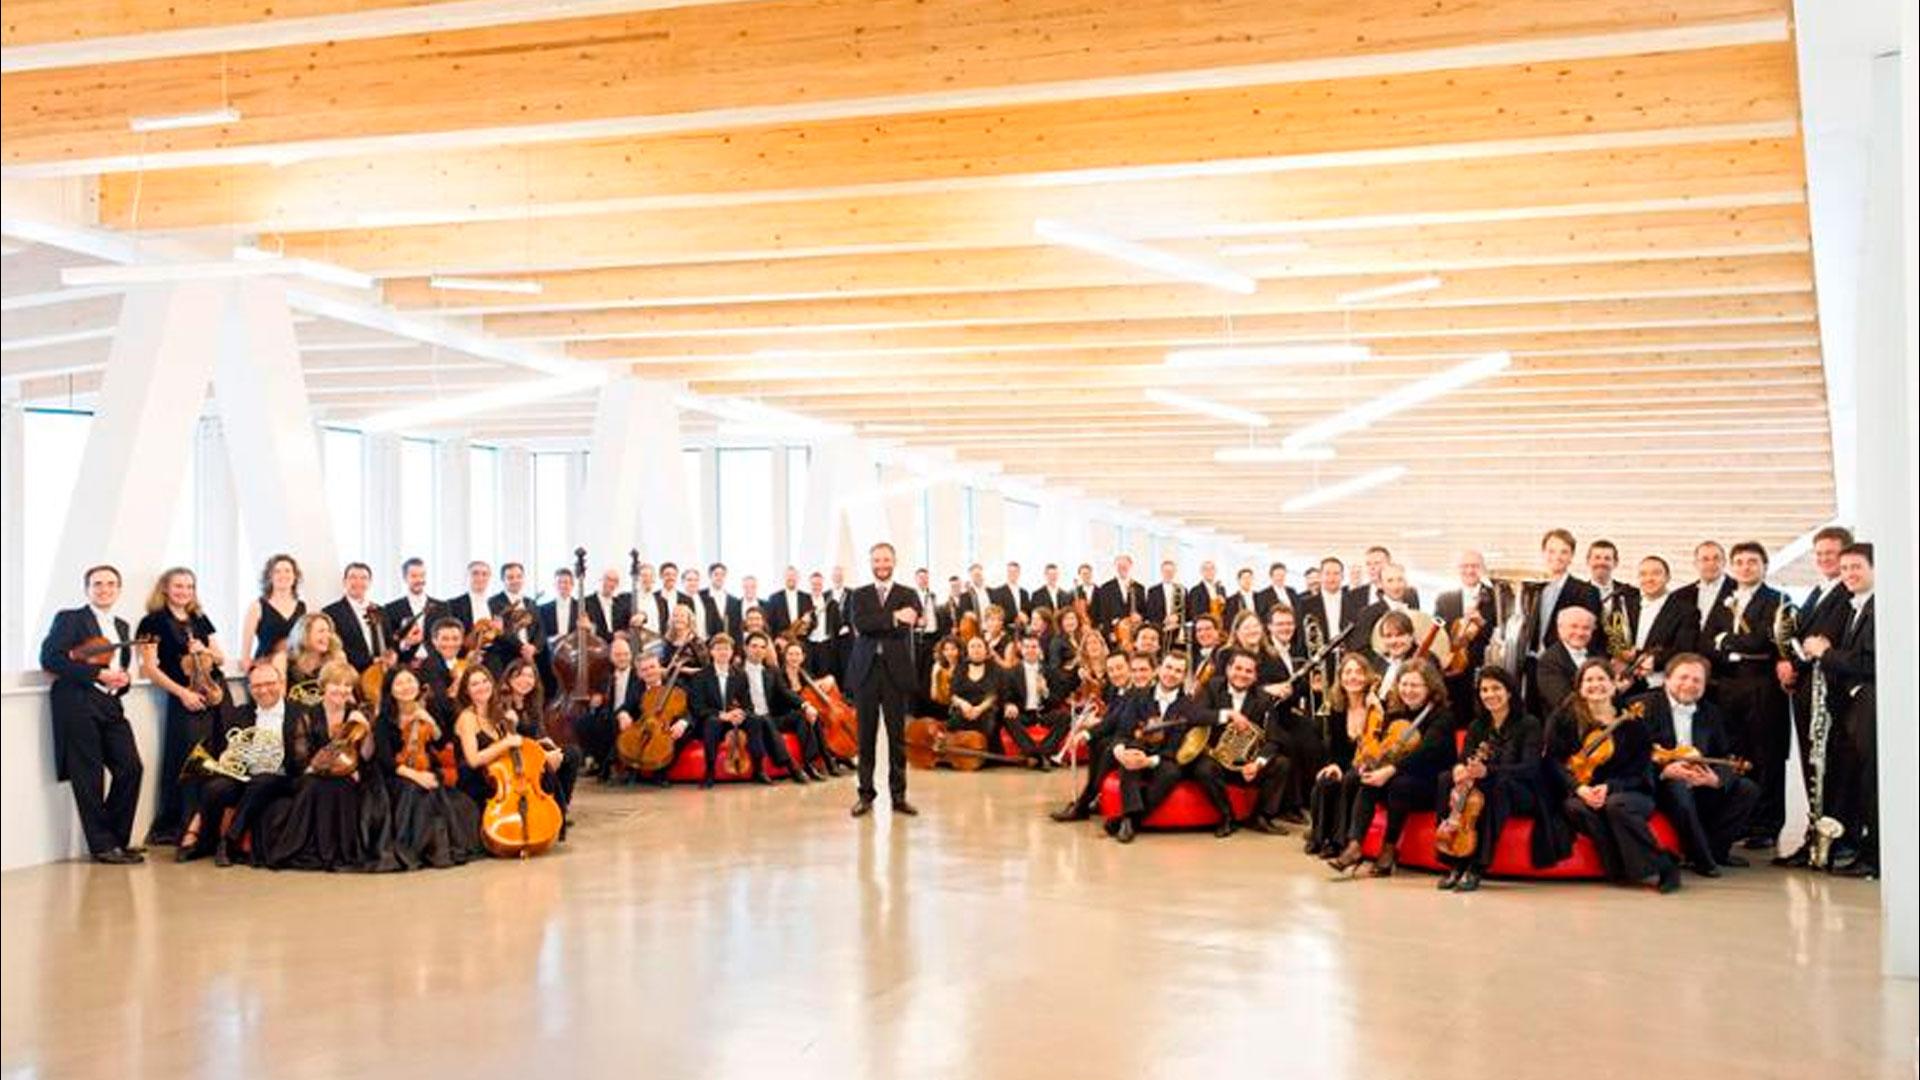 Novacaixagalicia y la Orquesta Sinfónica de Galicia llenarán de música Pontevedra y Vigo en 2013